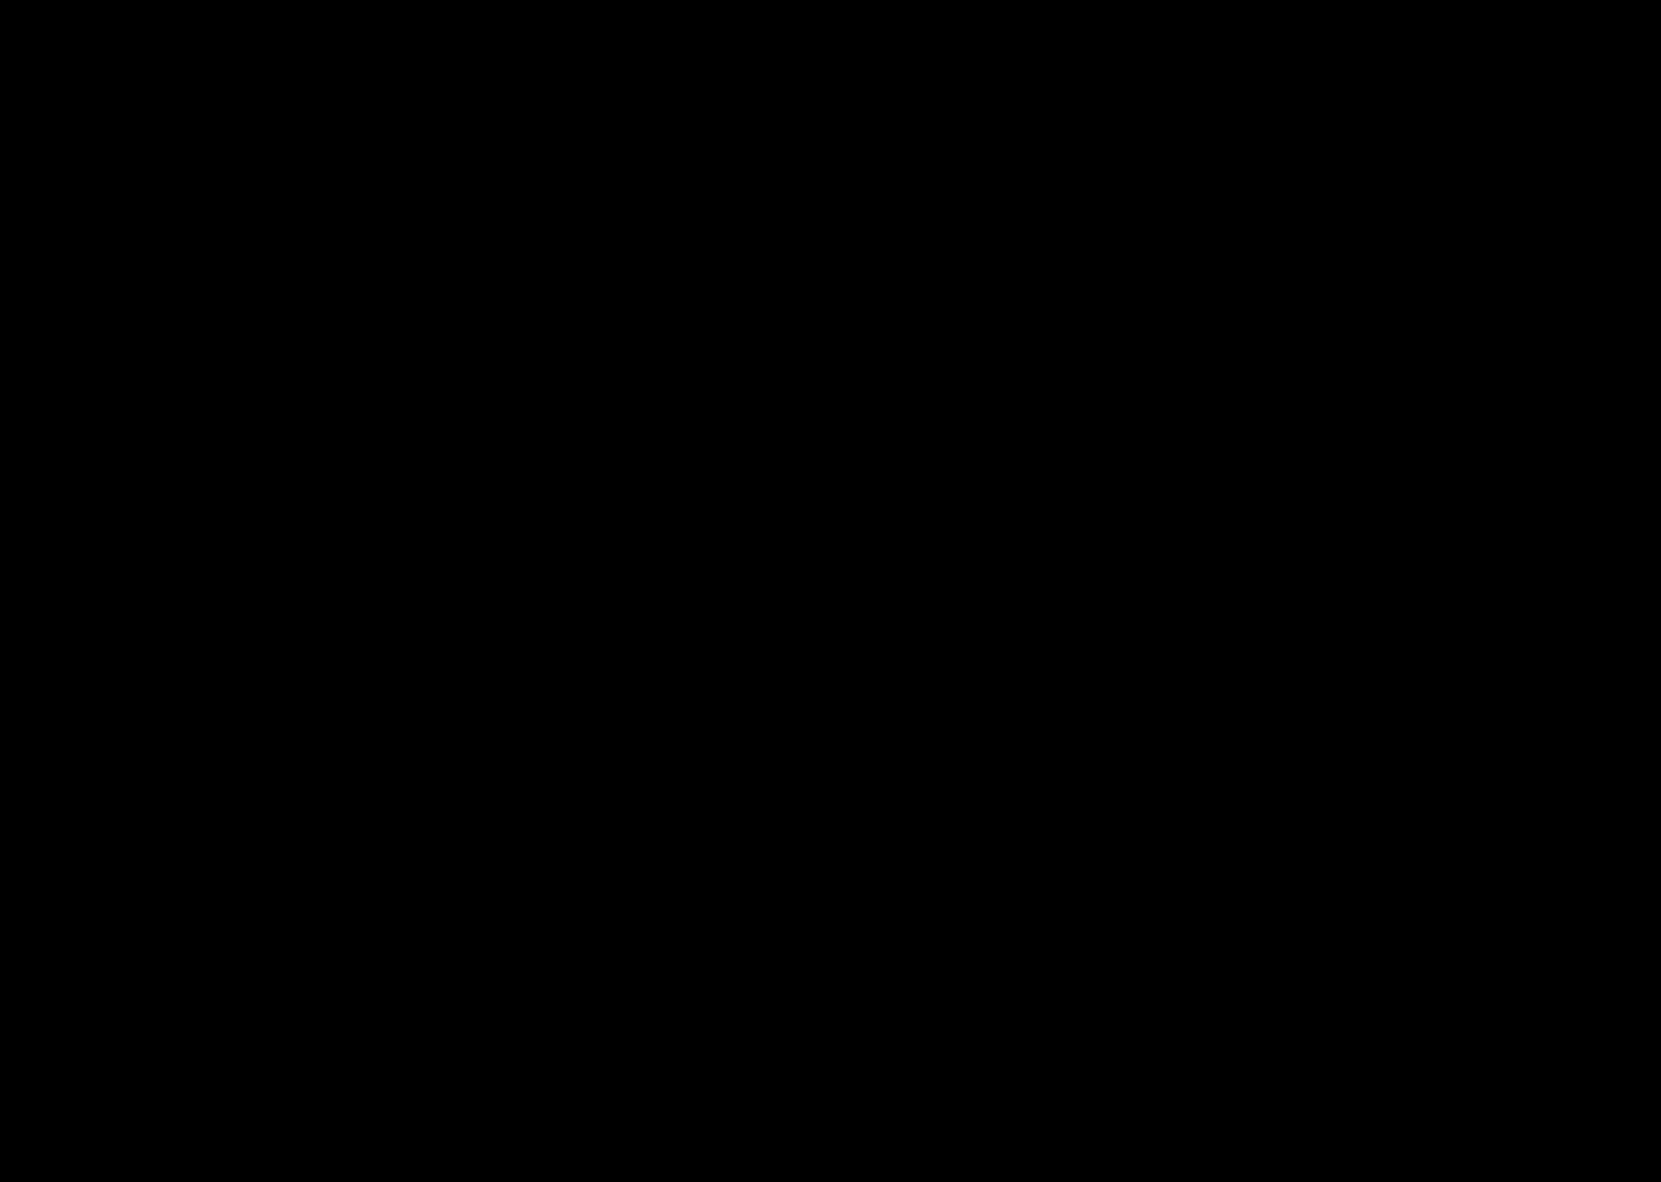 u型桥台设计总图(说明书配套)